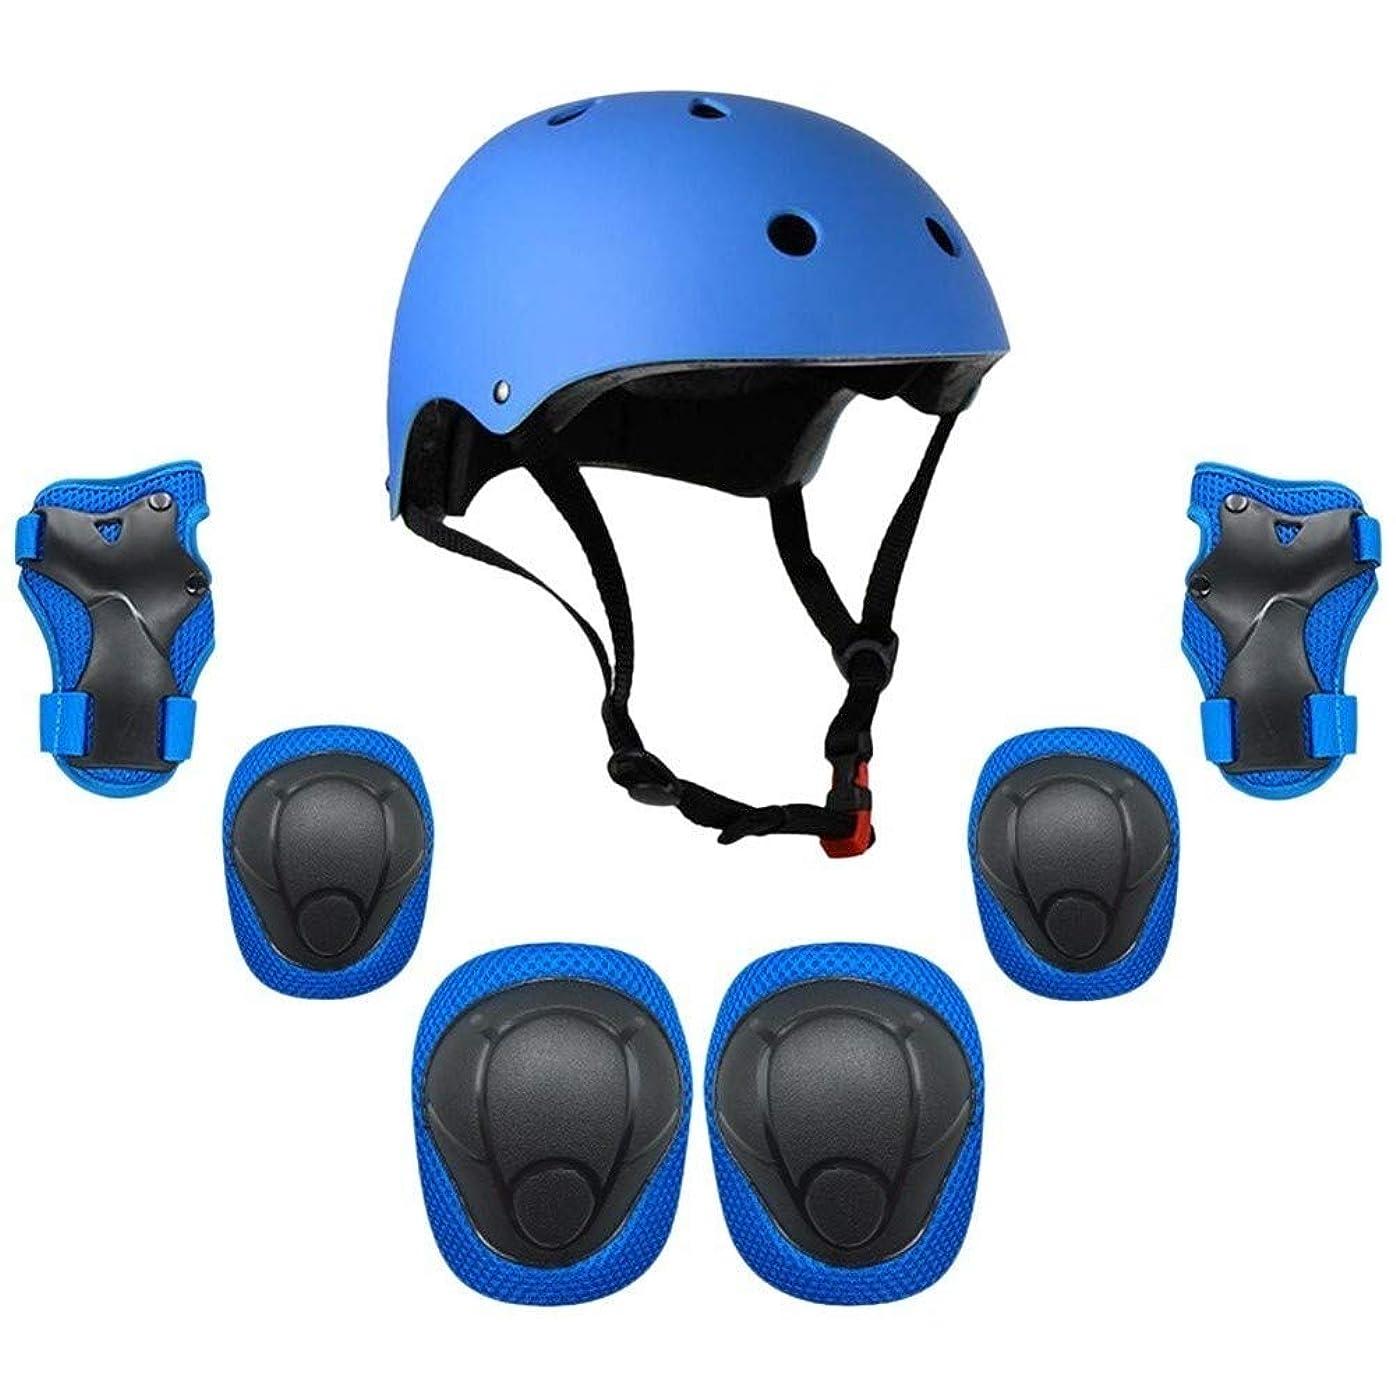 遅れ絡まる陰気スクータースケートボードローラースケートサイクリング用キッズ7 1でヘルメットとパッドの設定調整キッズ膝パッドエルボーパッド手首ガード オートバイ 登山 サイクリング スポーツ サイクリング スノースポーツ 作業 (Color : Blue)